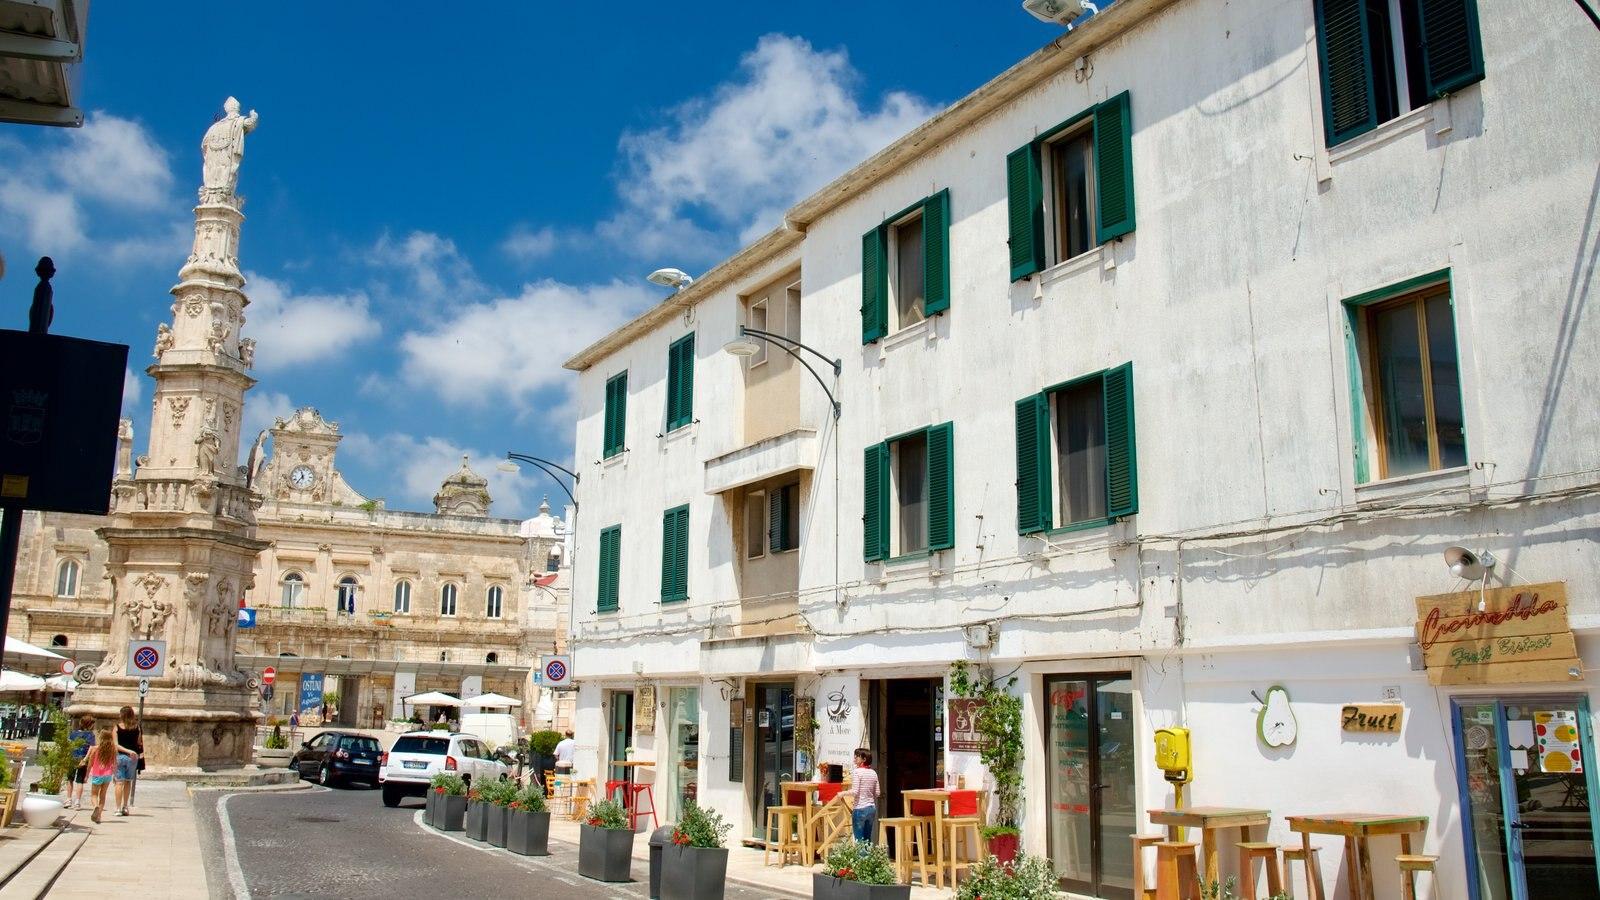 Brindisi showing street scenes